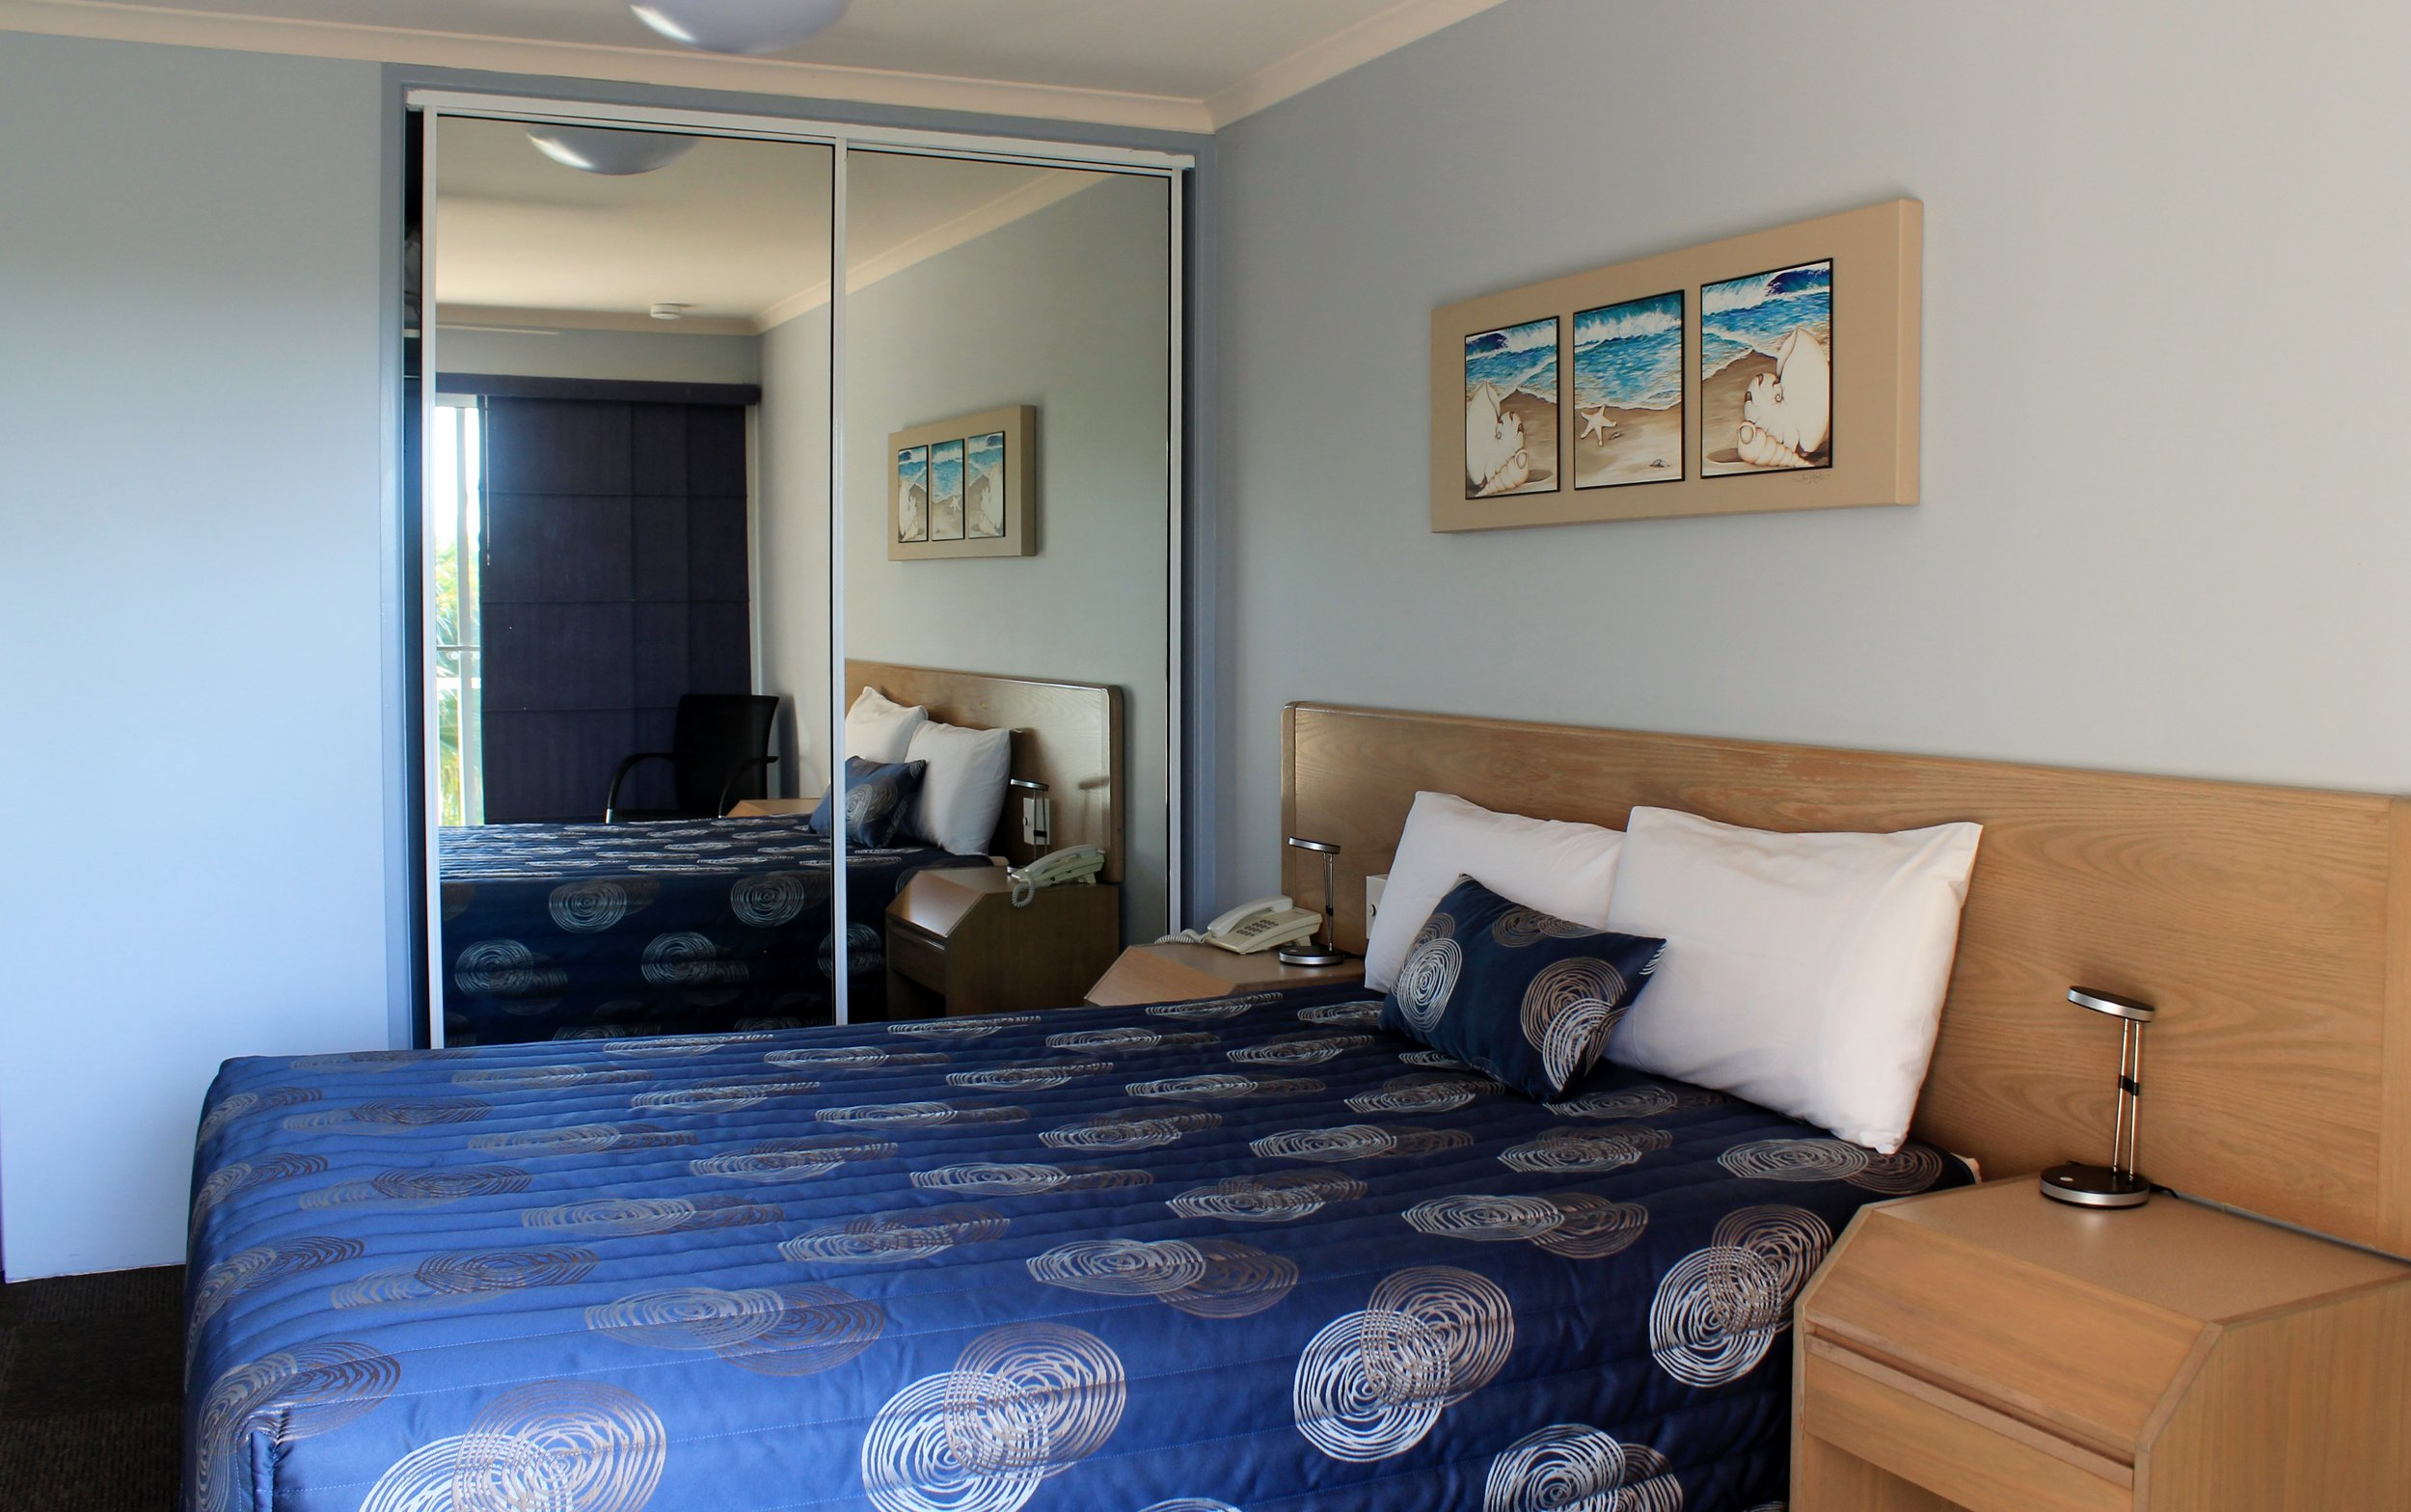 sands motel (2).JPG